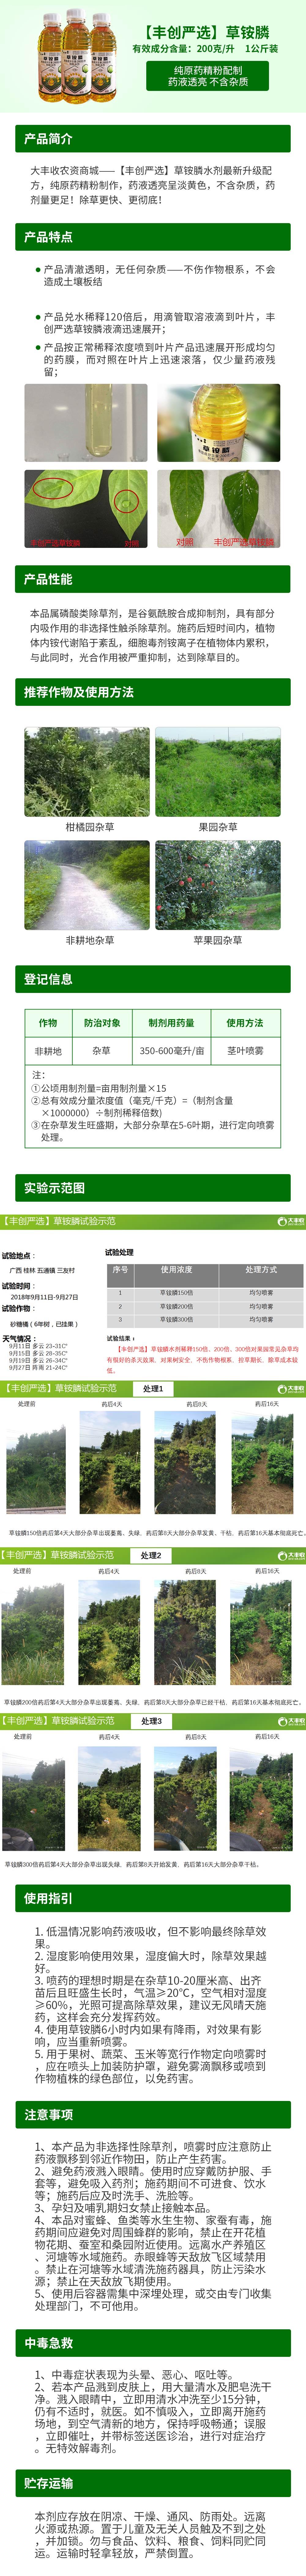 丰创严选草铵膦-10-29新.jpg